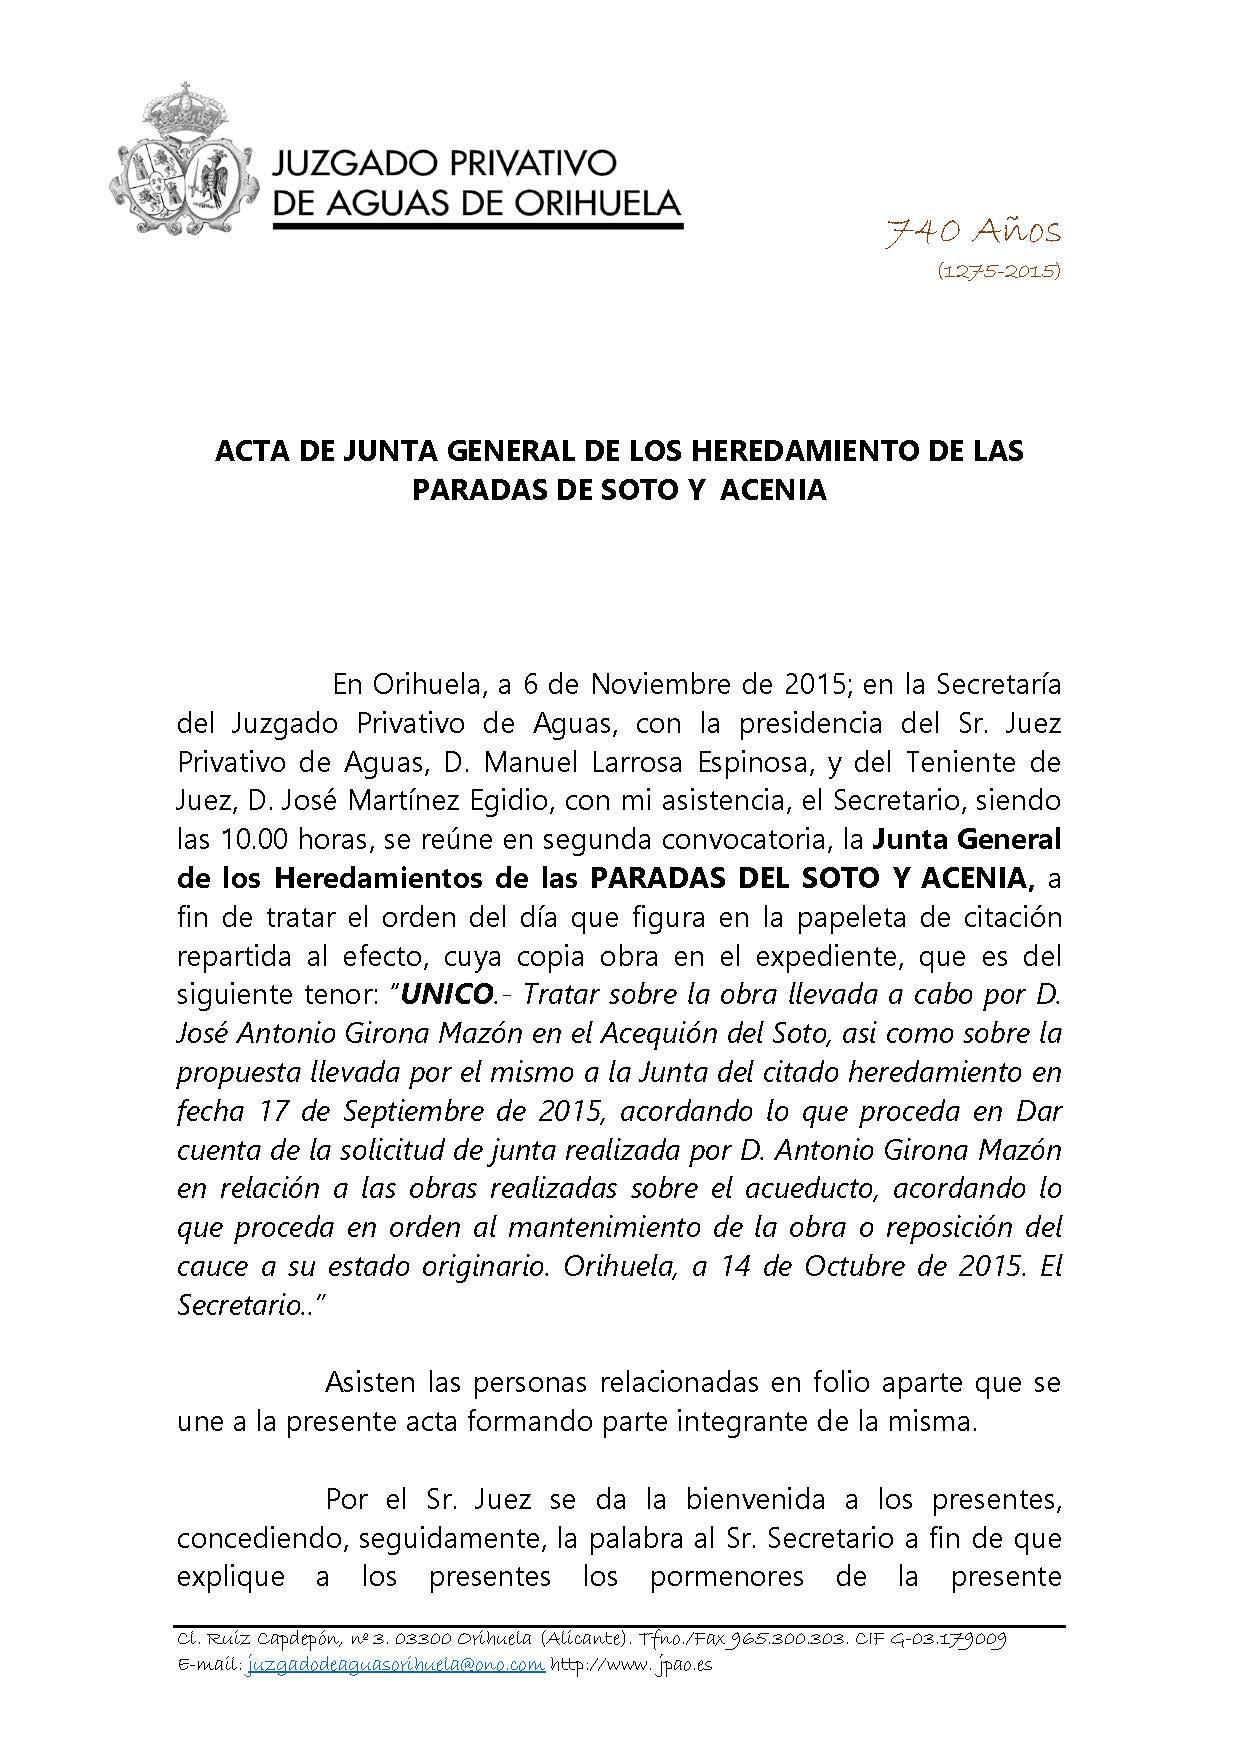 111 2015 PARADA DE ACENIA Y SOTO ACTA DE JUNTA DE 06112015_Página_1